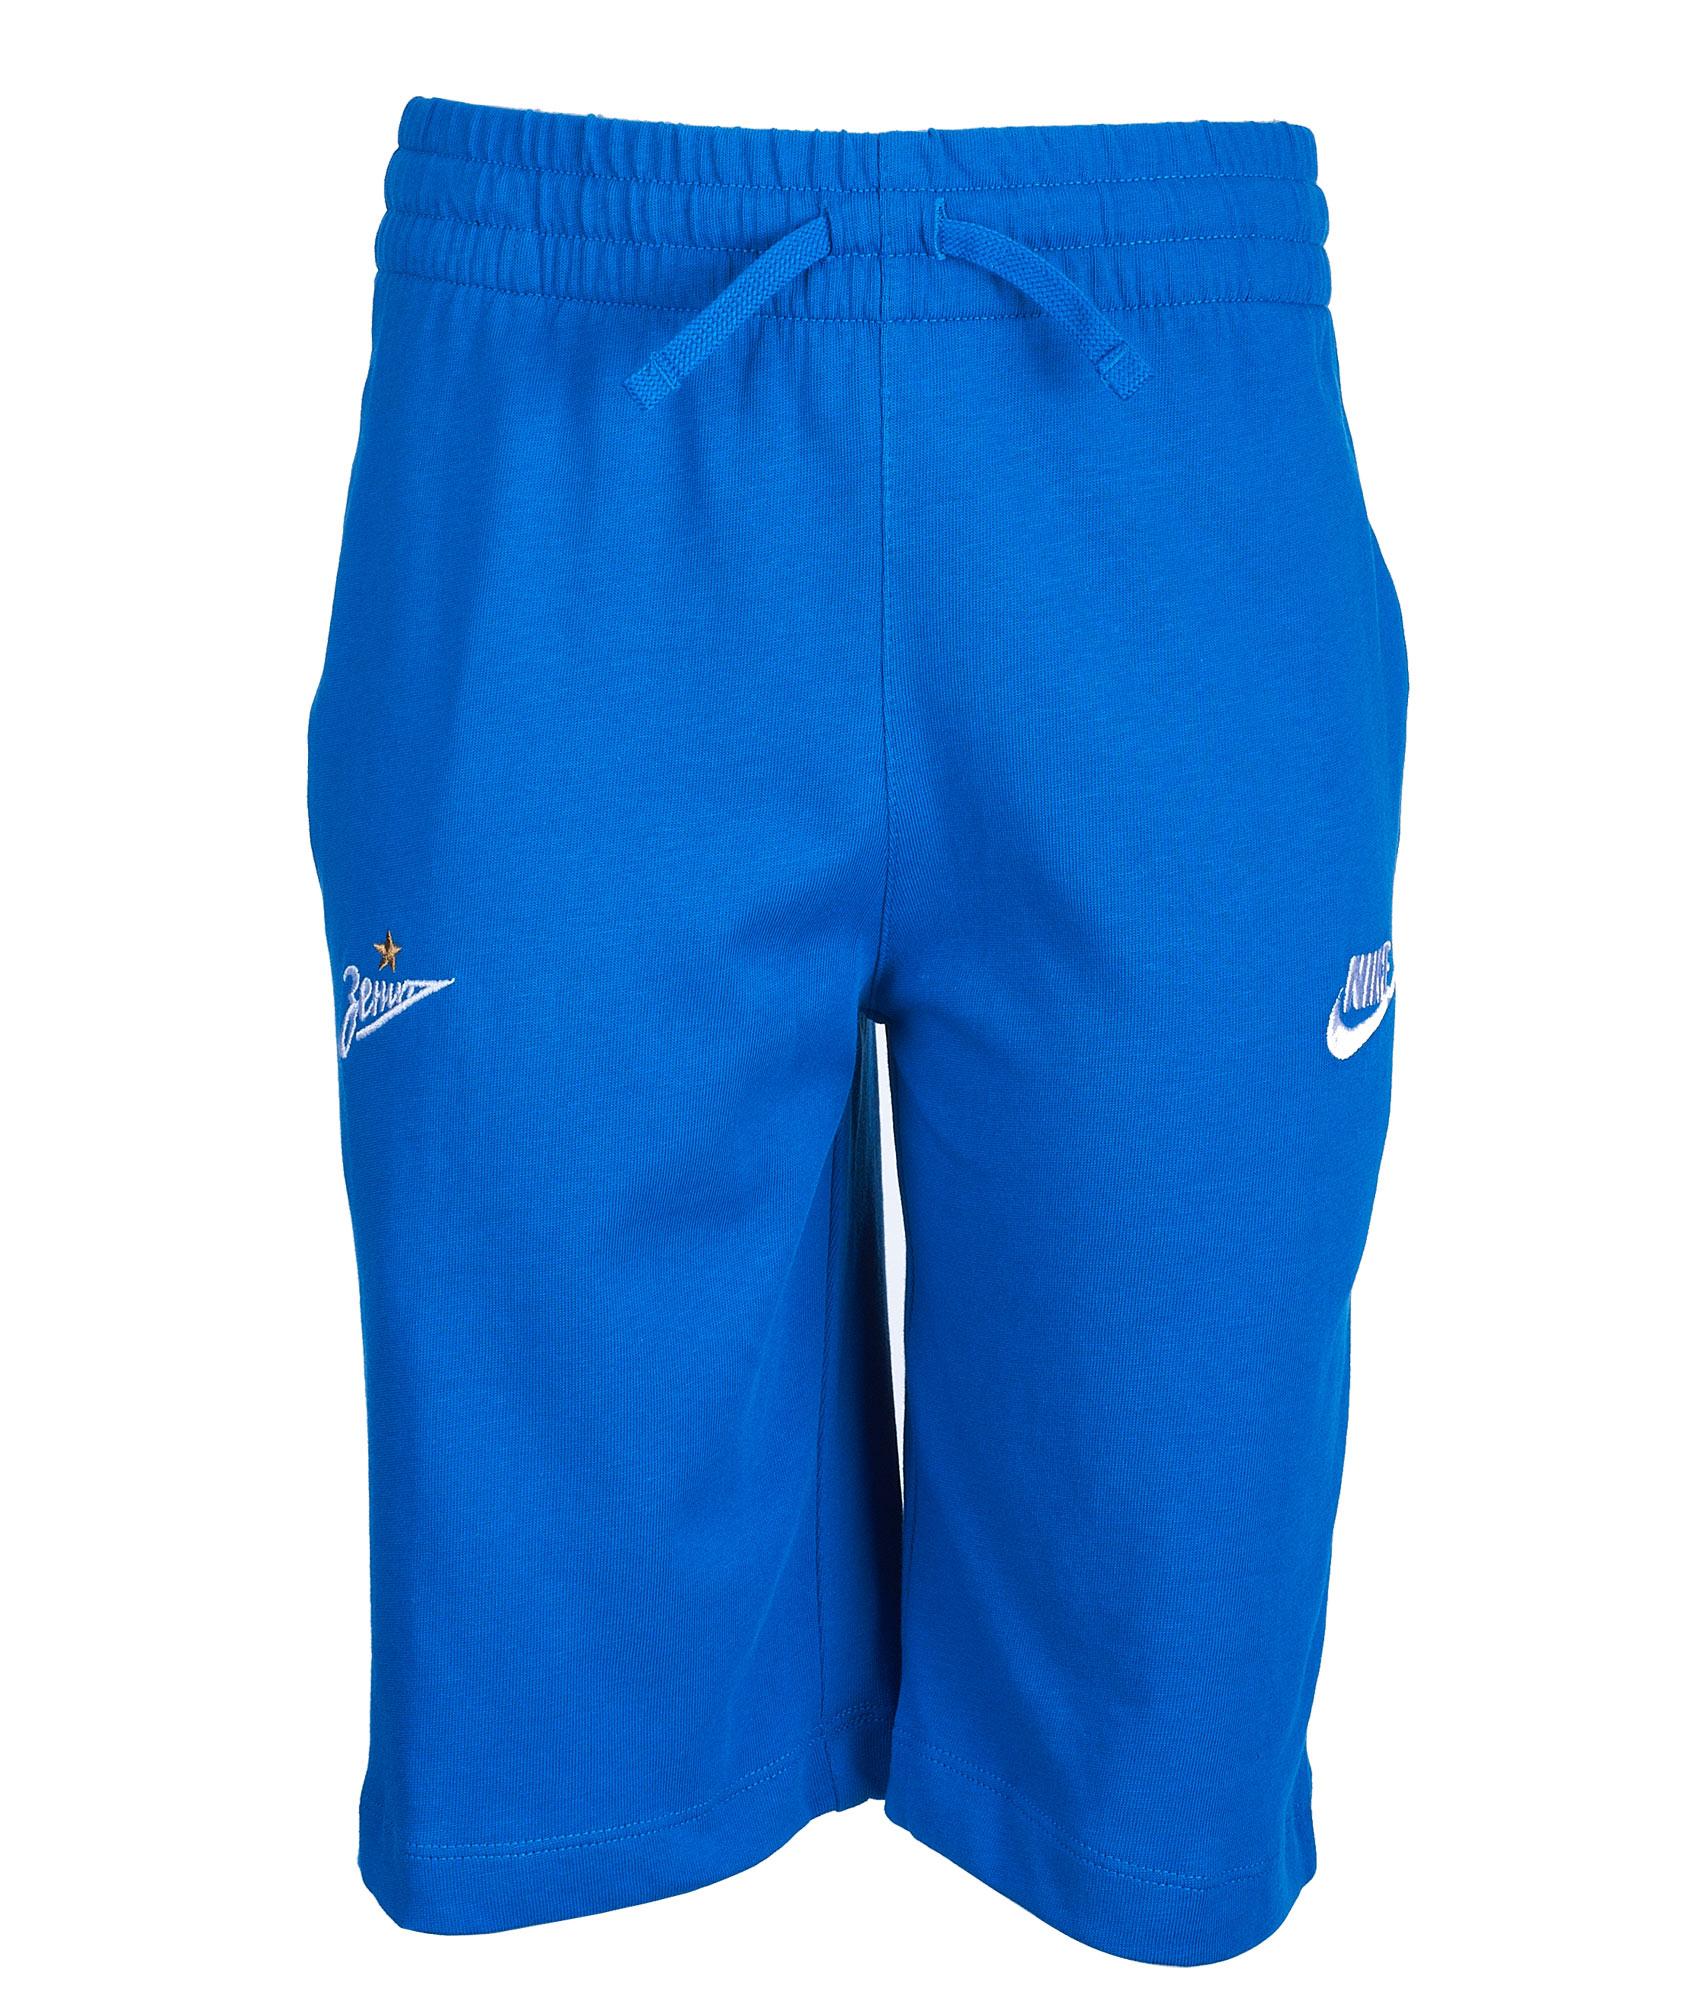 Шорты детские Nike Nike Цвет-Синий